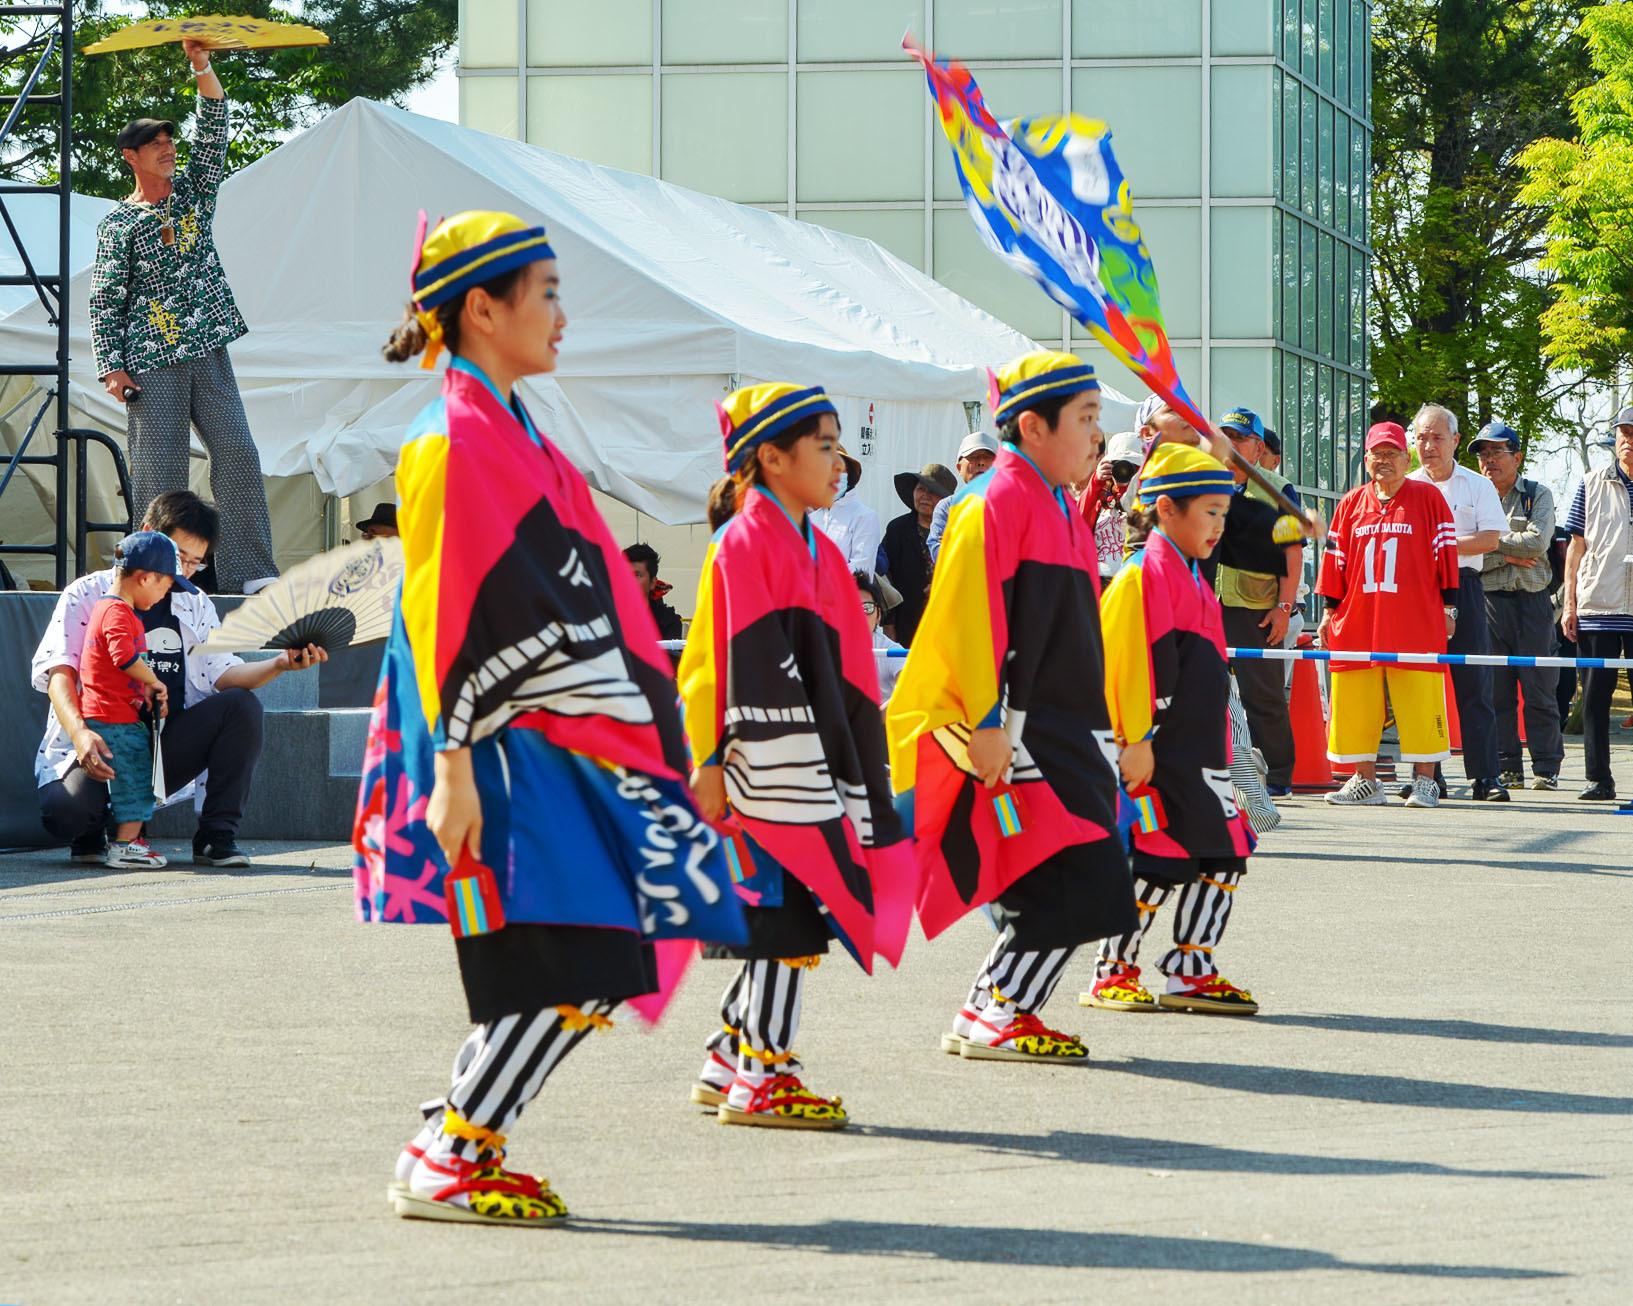 四国の祭り 2019 よさこいとらっく (ちふれ)_d0246136_23063761.jpg